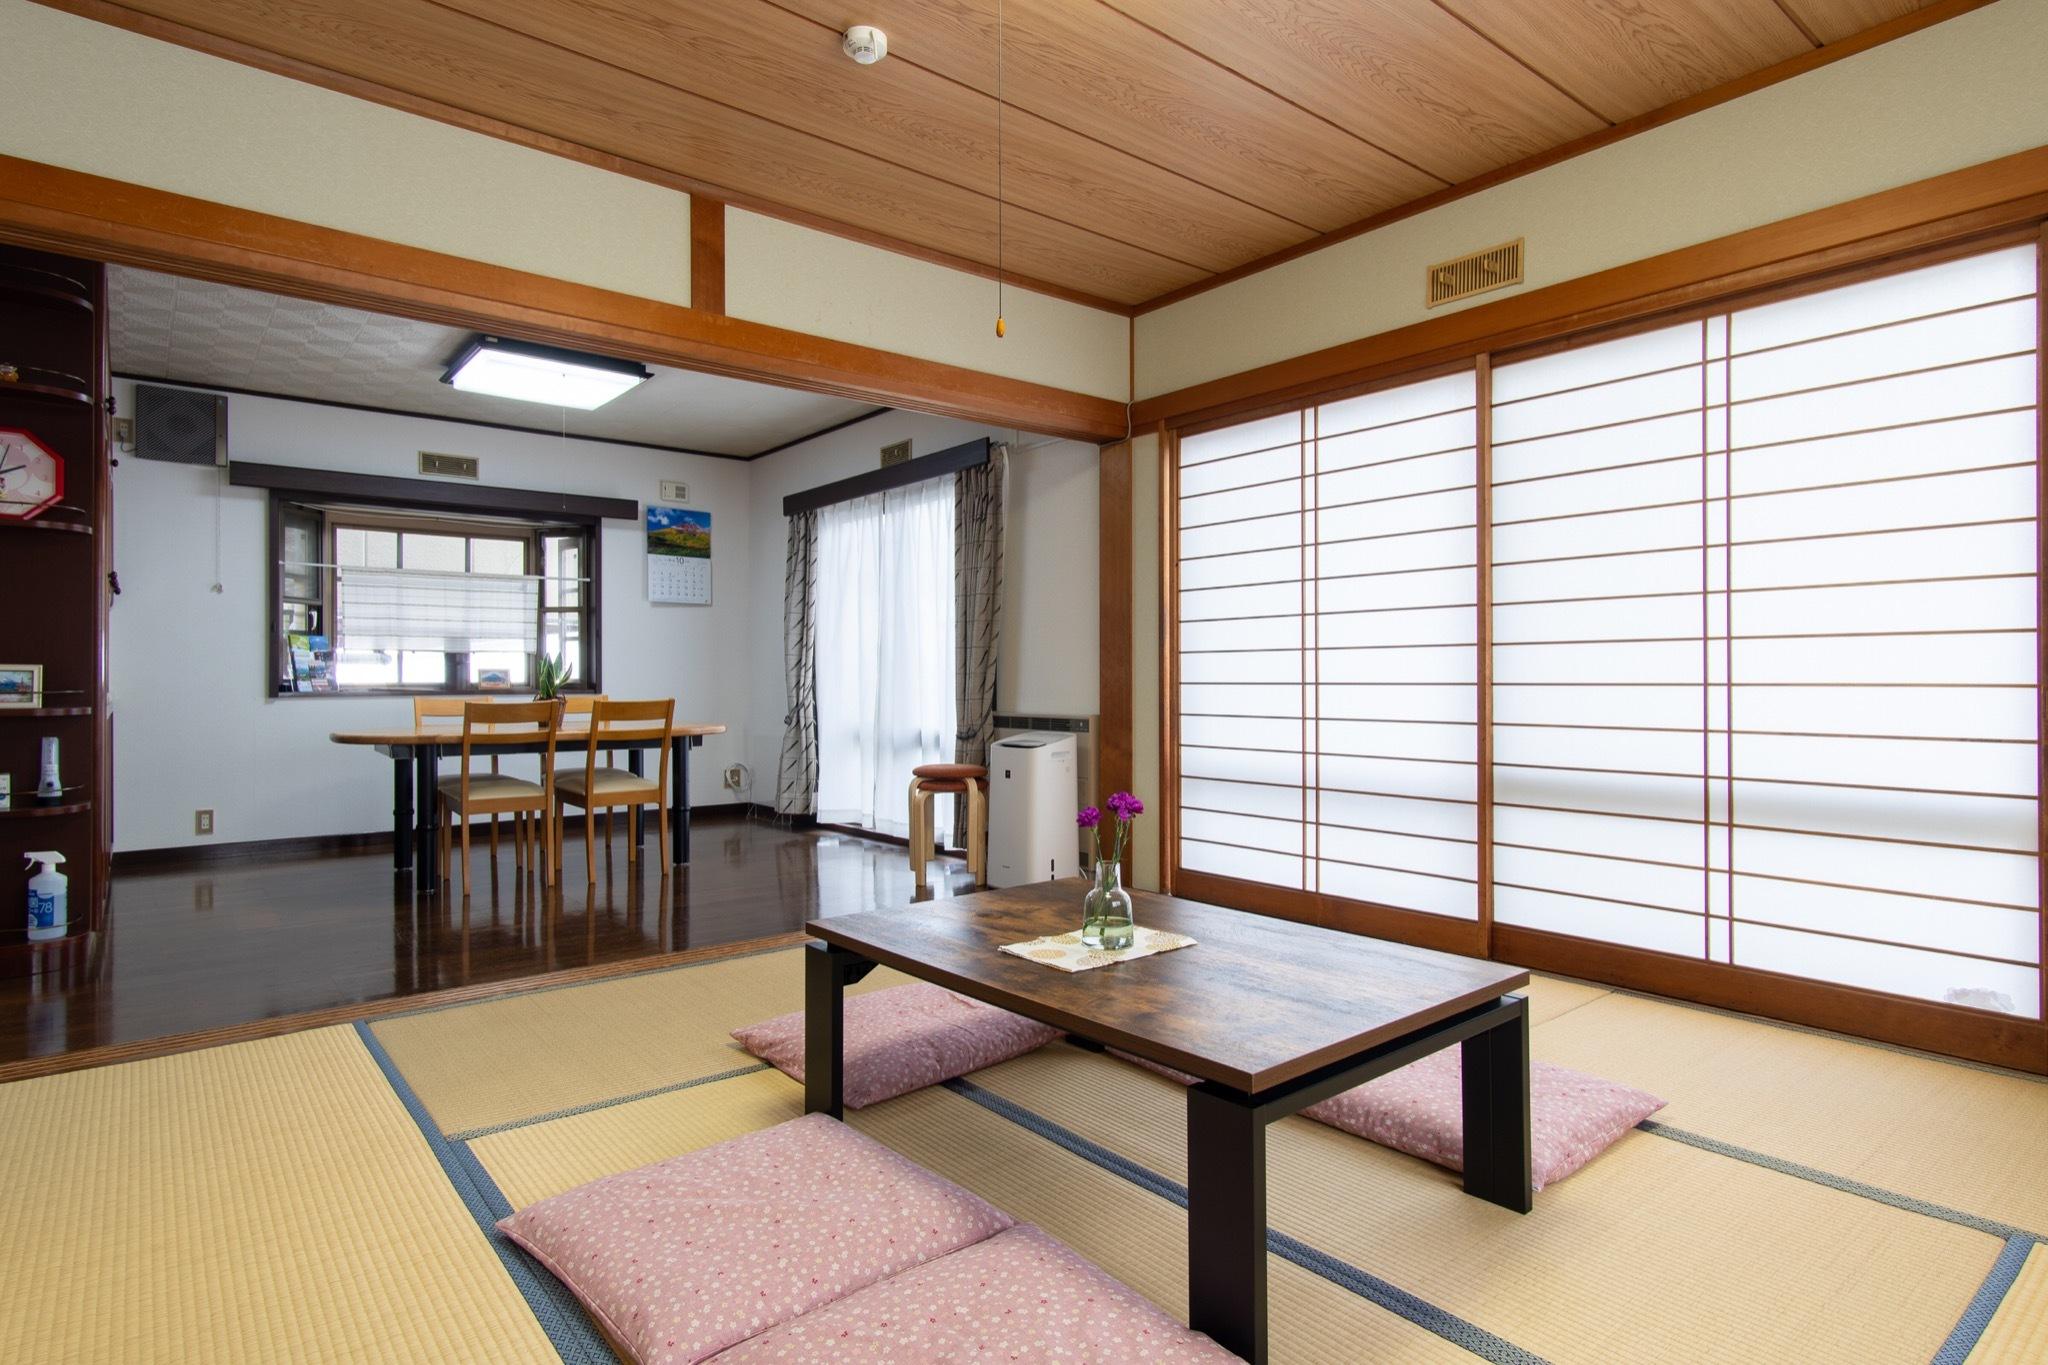 一戸建貸切の宿、富士吉田市中心地、レトロな街並みが楽しめる。【Vacation STAY提供】のnull